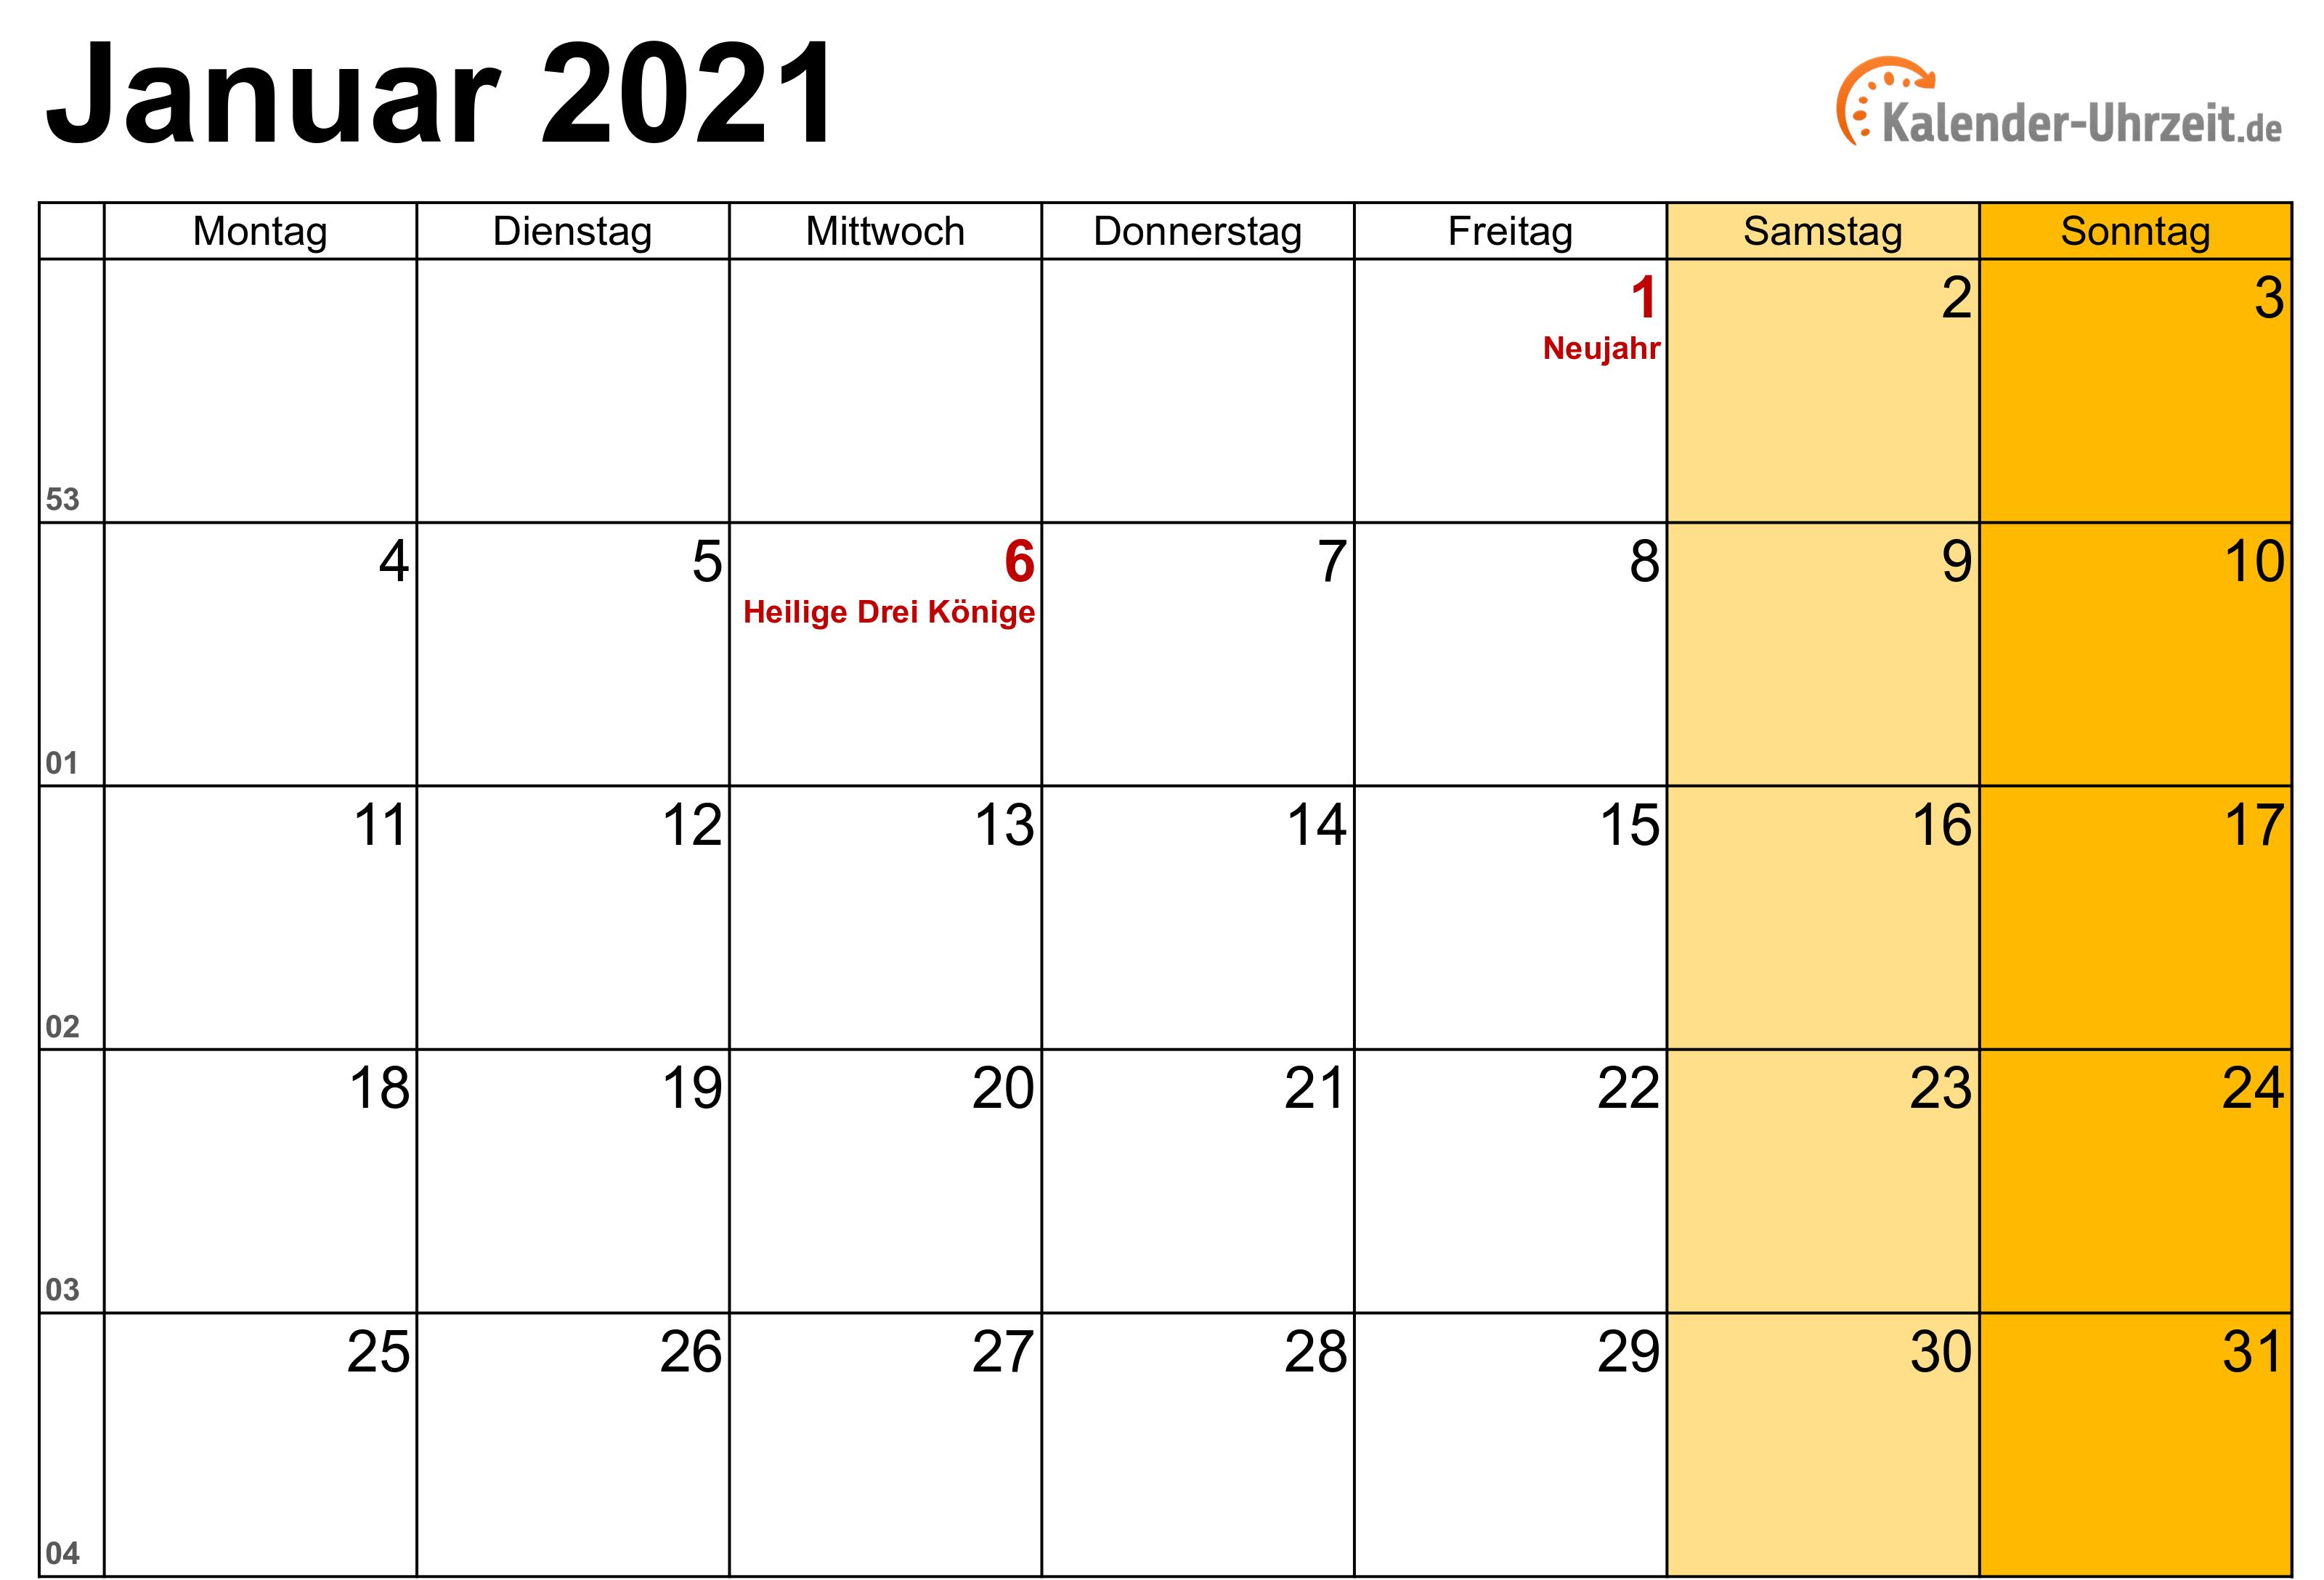 Januar 2021 Kalender mit Feiertagen